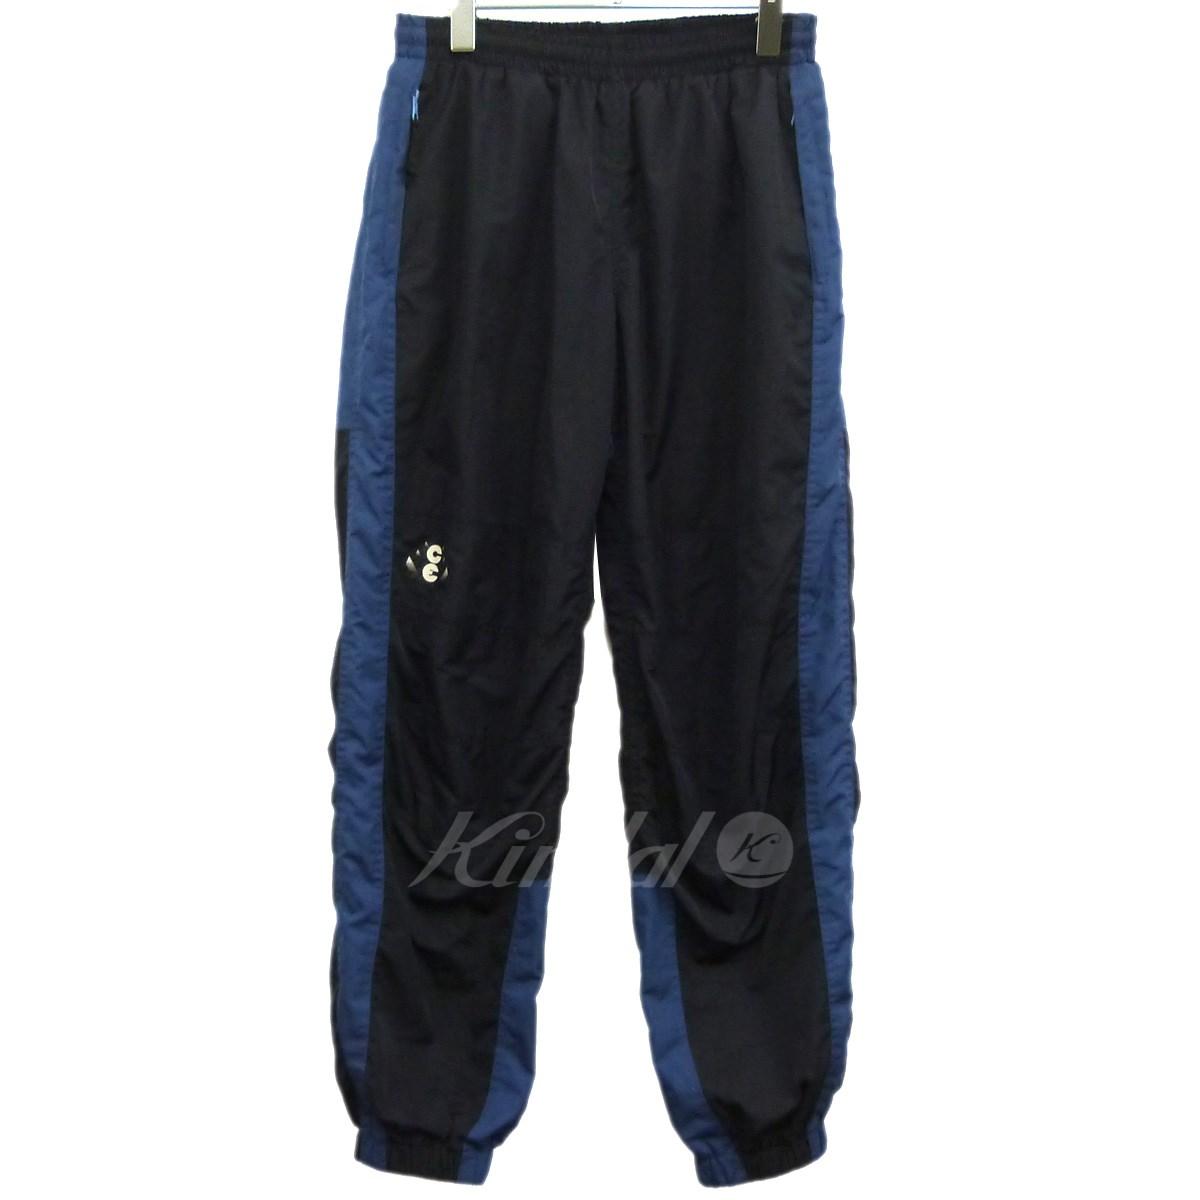 【中古】C.E 14AW「WARM UP PANTS」ウォームアップパンツ ネイビー×ブルー サイズ:M 【送料無料】 【010419】(シーイー)